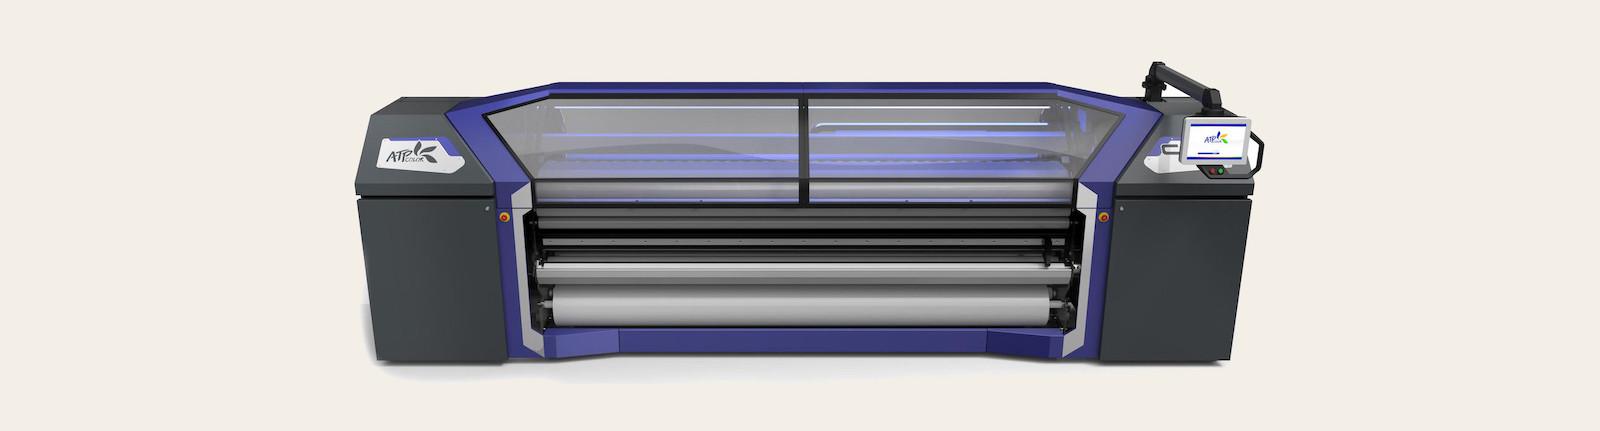 Stampante per sublimazione con calandra integrata